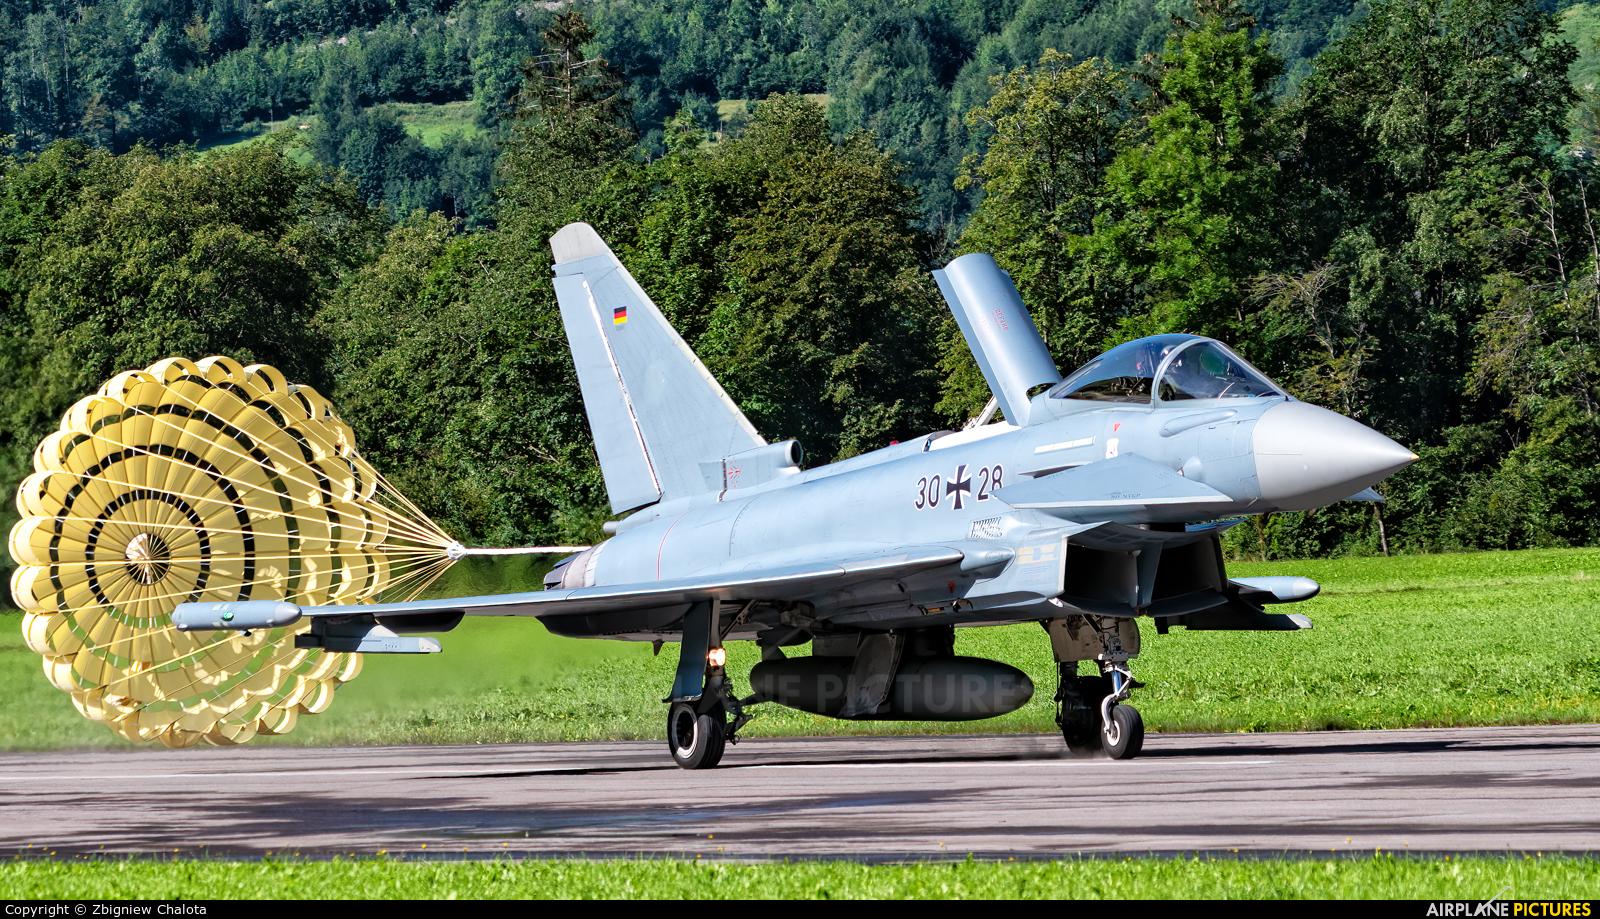 Germany - Air Force 30+28 aircraft at Mollis